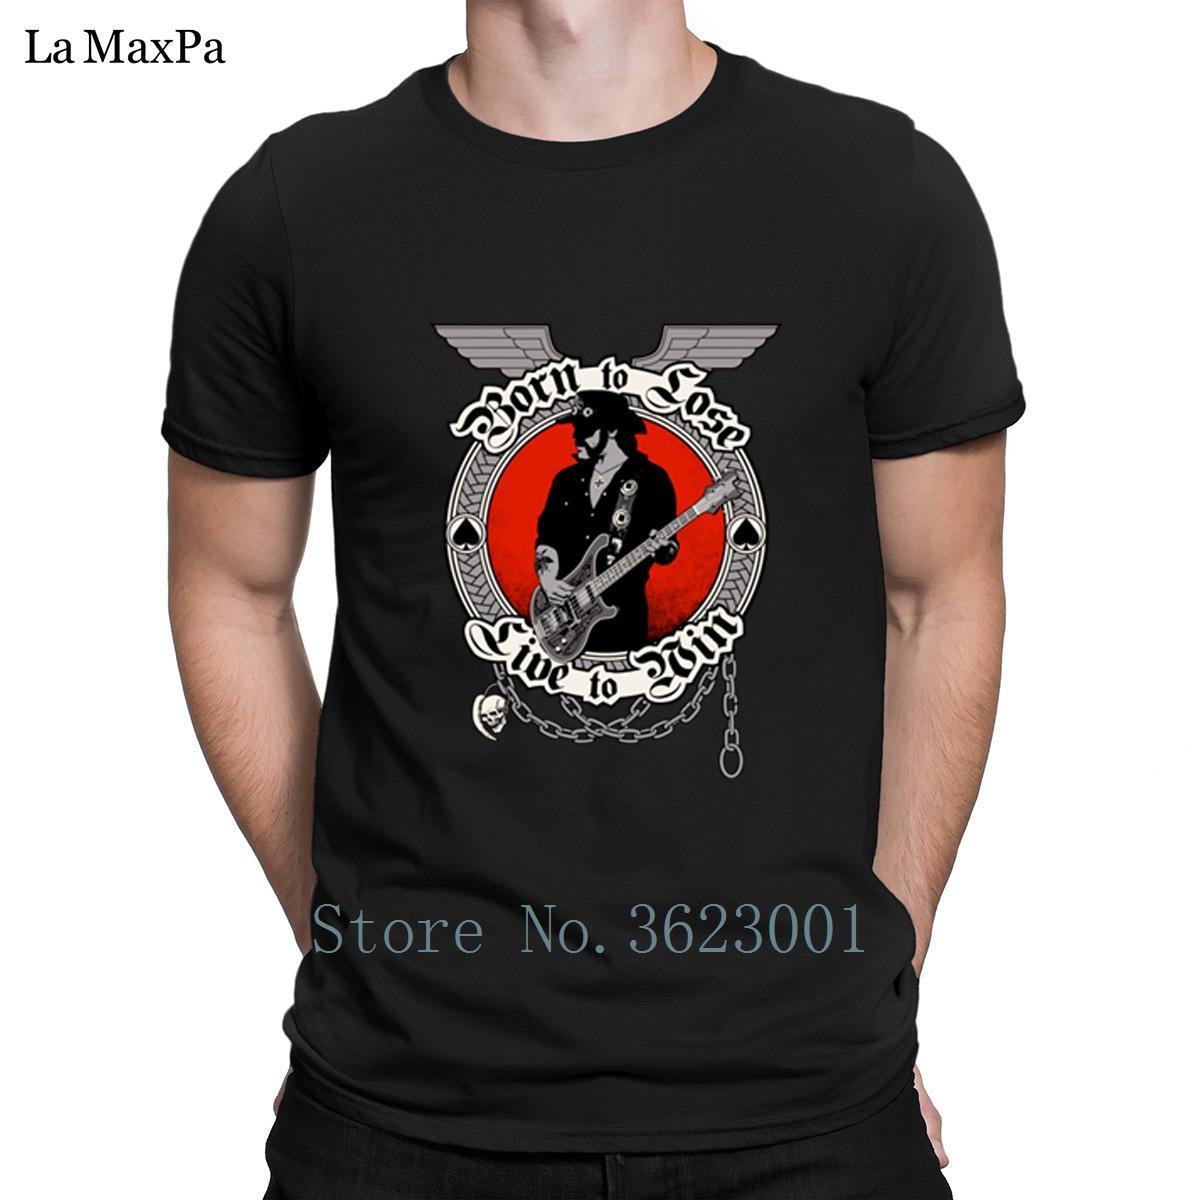 411706850c44 Make New Shirt Feel Vintage « Alzheimer's Network of Oregon